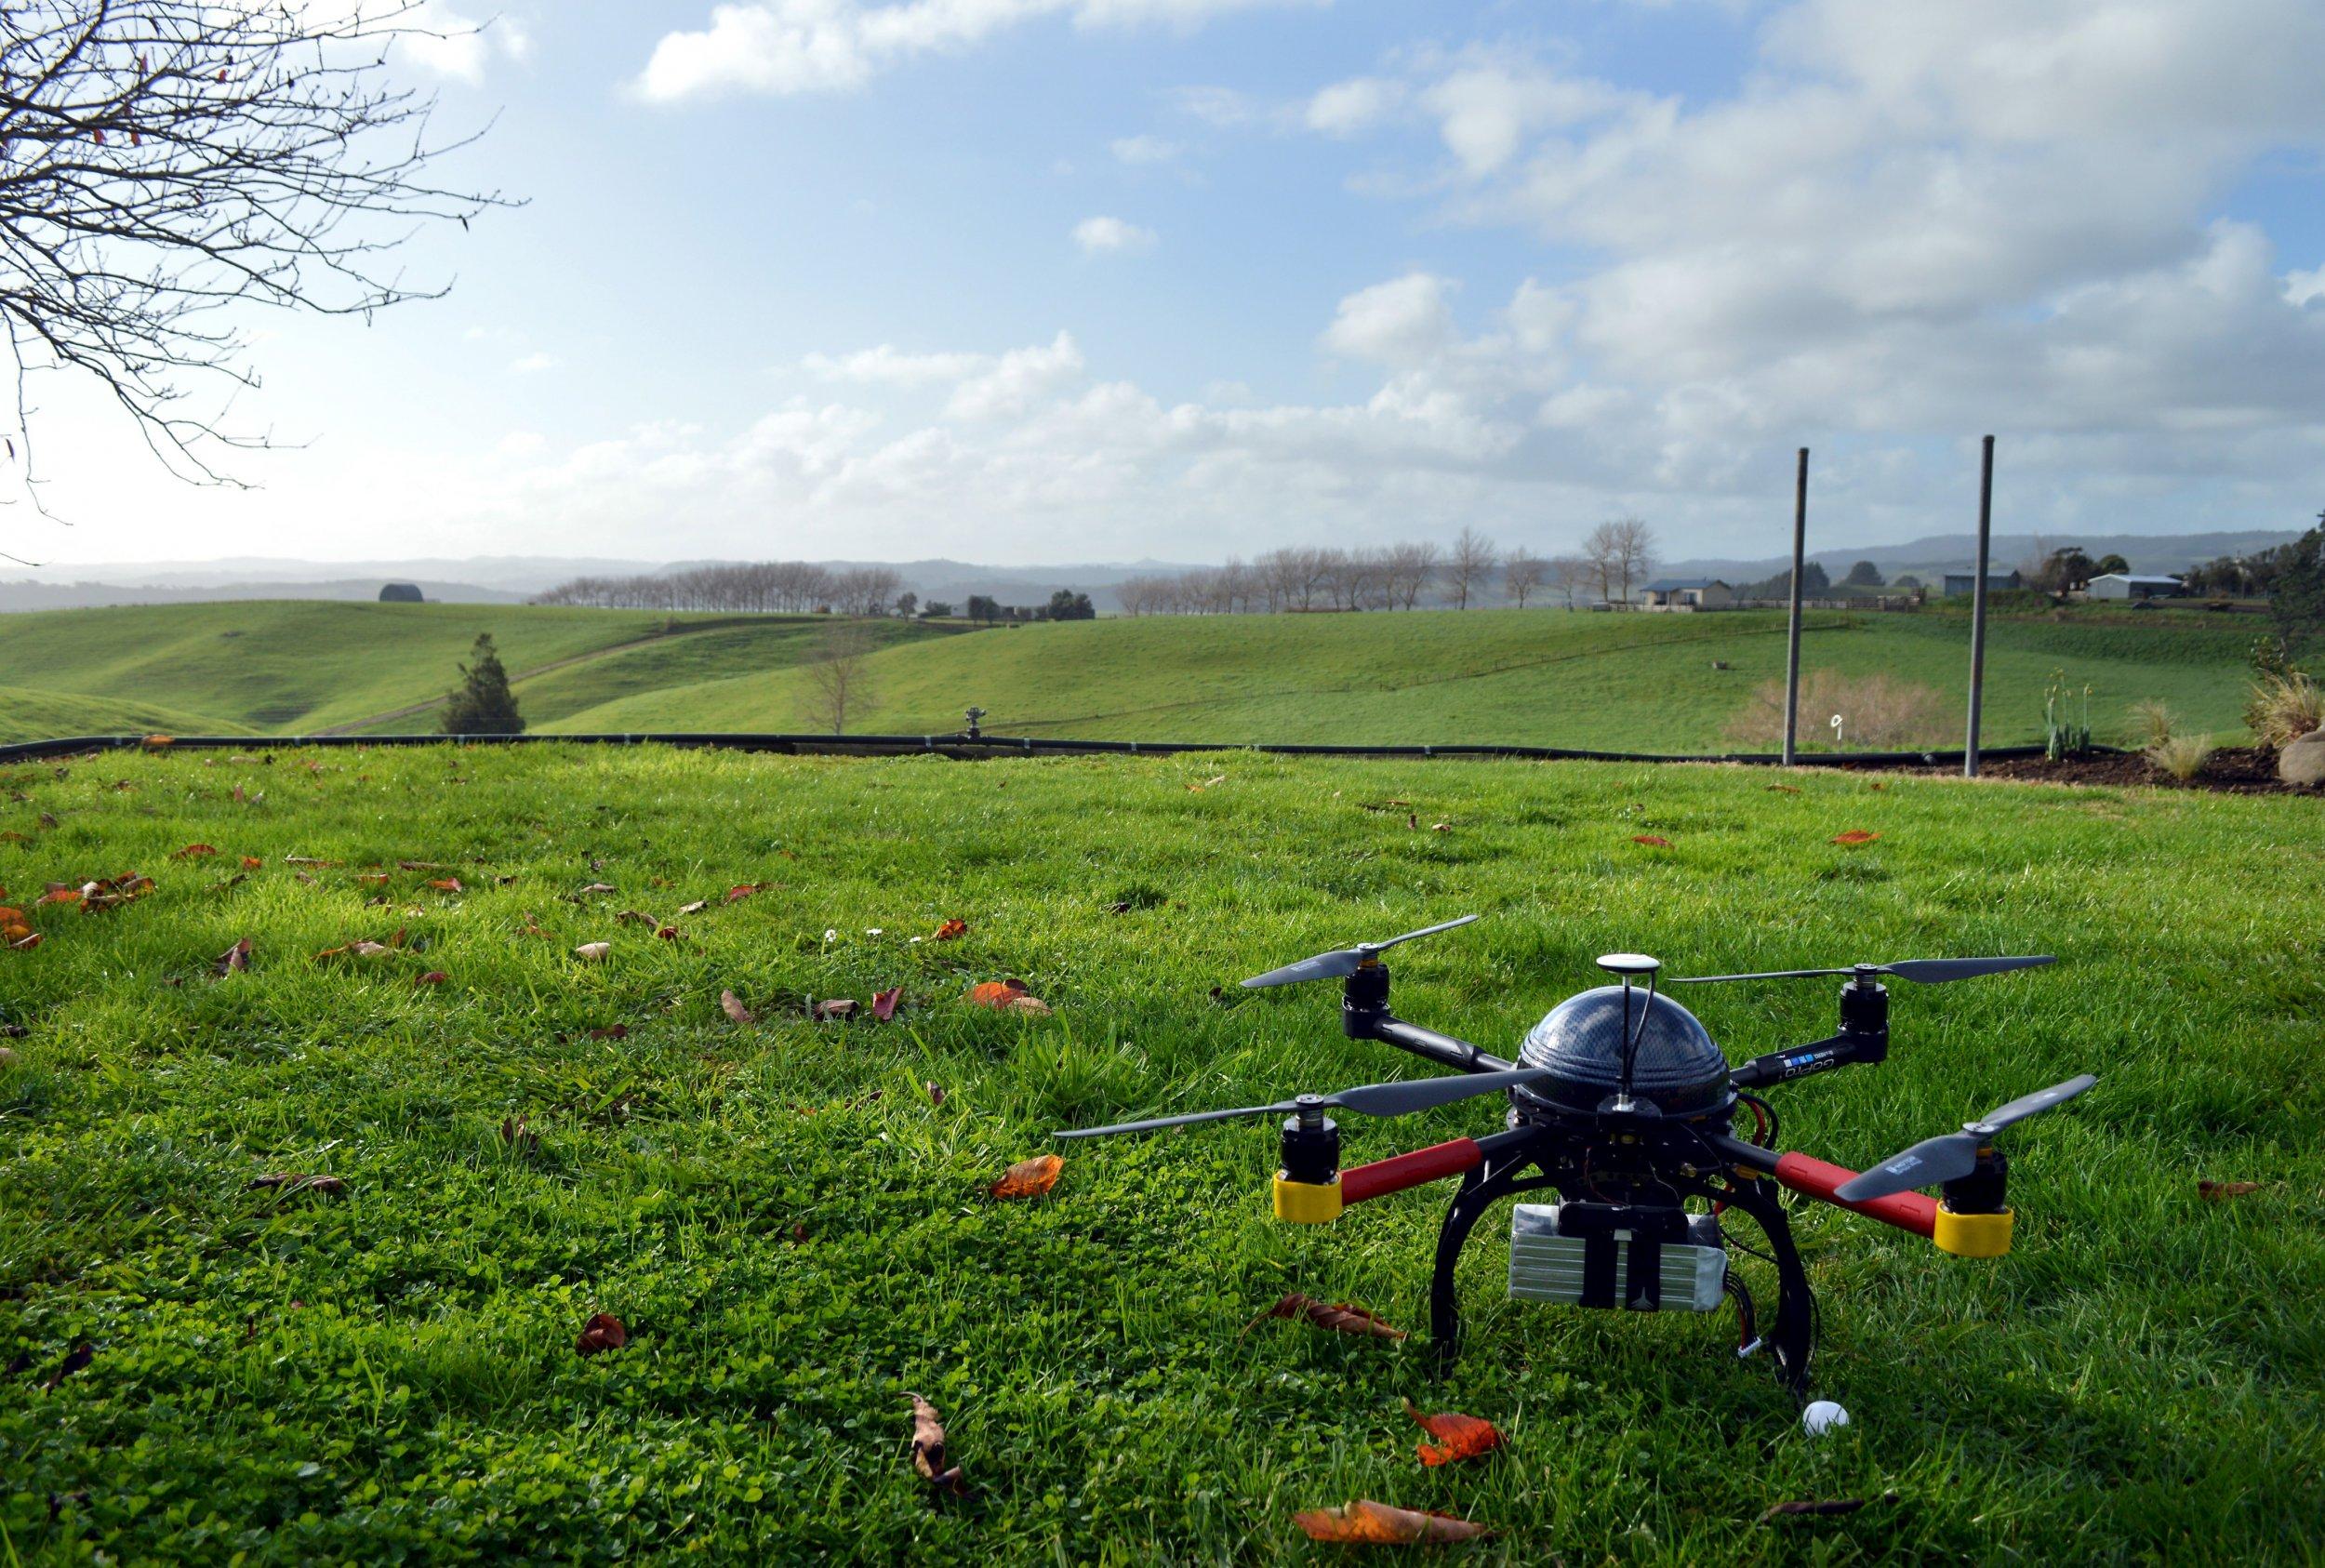 drone racing espn